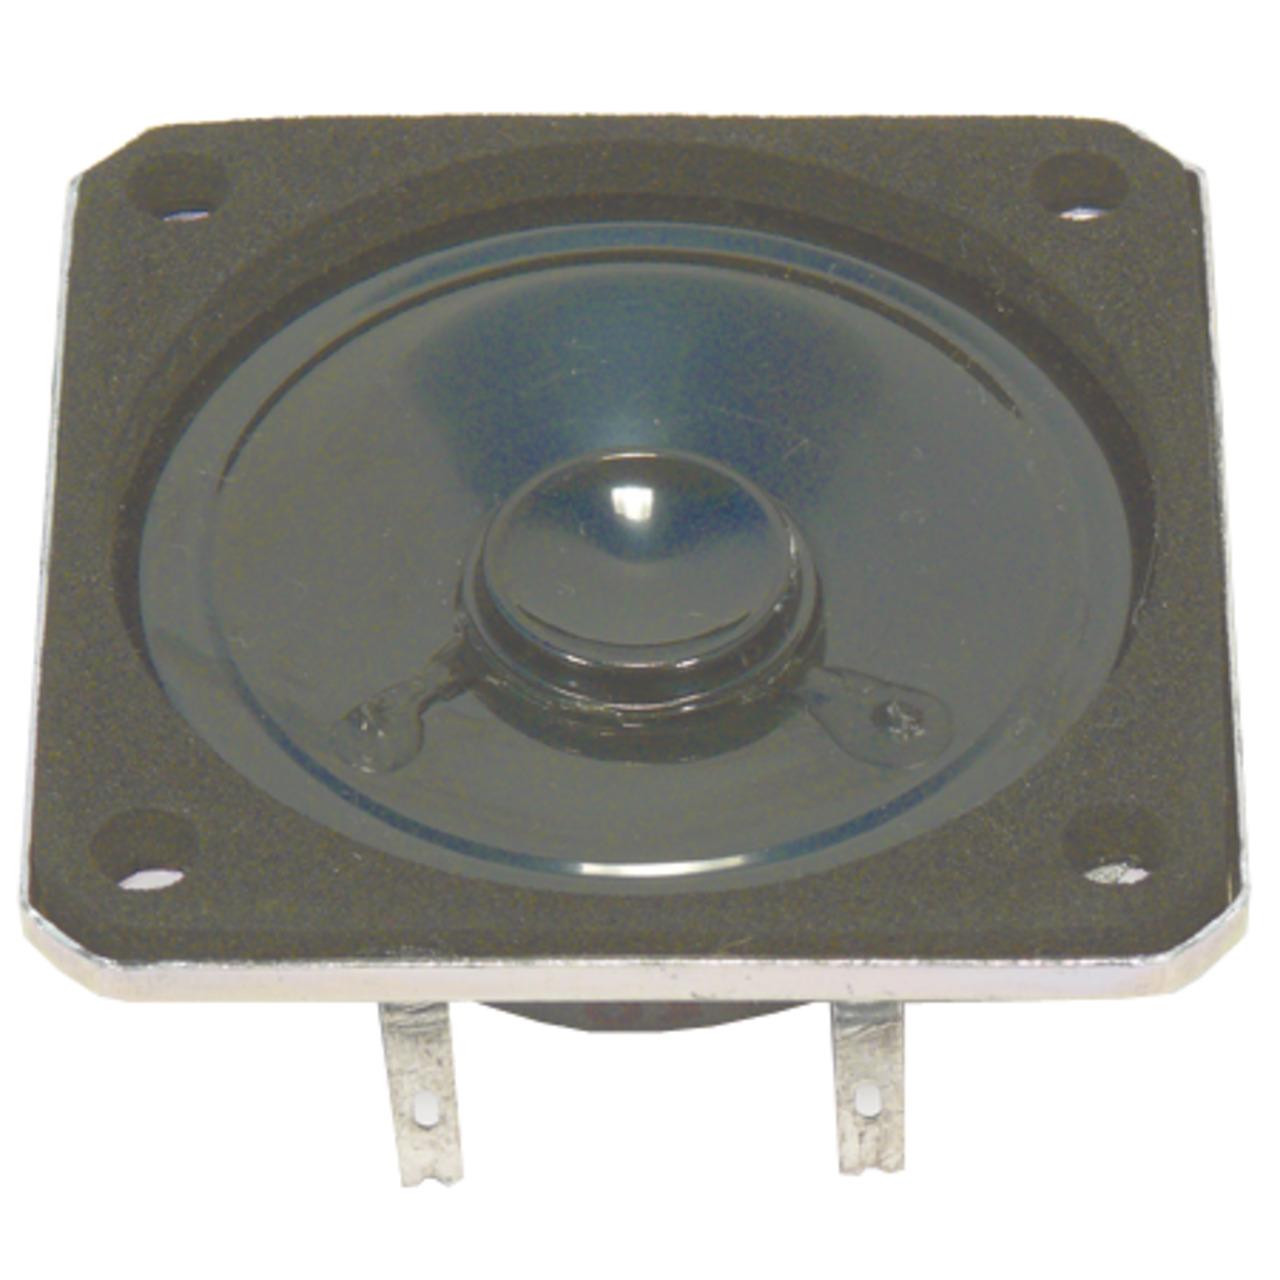 VISATON Kleinlautsprecher mit Kunststoffmembran und quadratischem Metallkorb- K 50 SQ - 8 Ohm